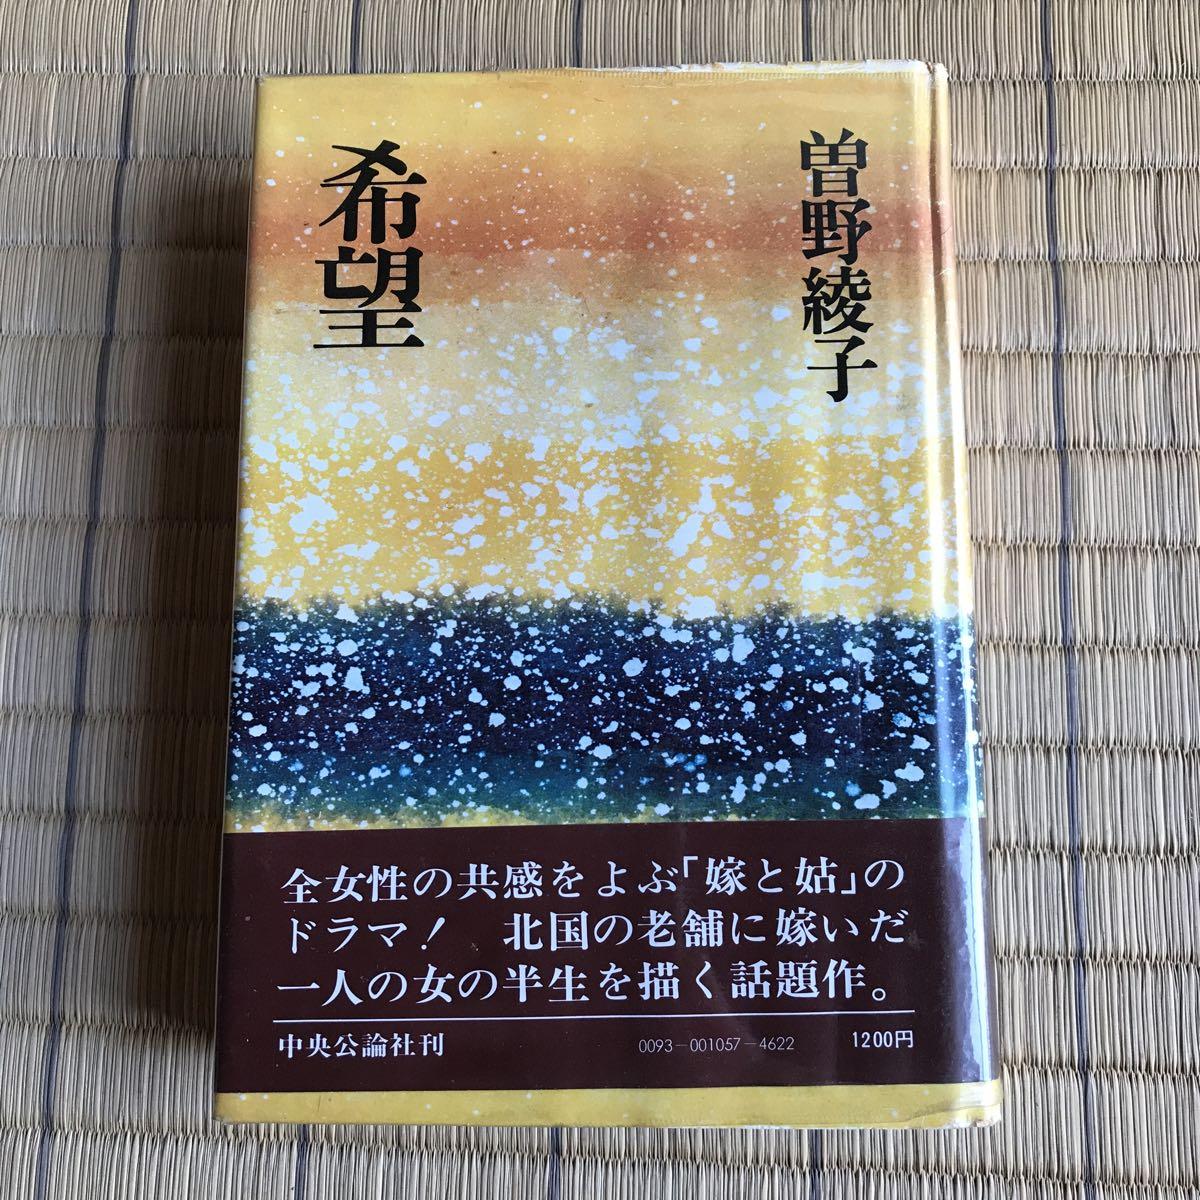 曽野綾子 希望 中央公論社帯付きハードカバー